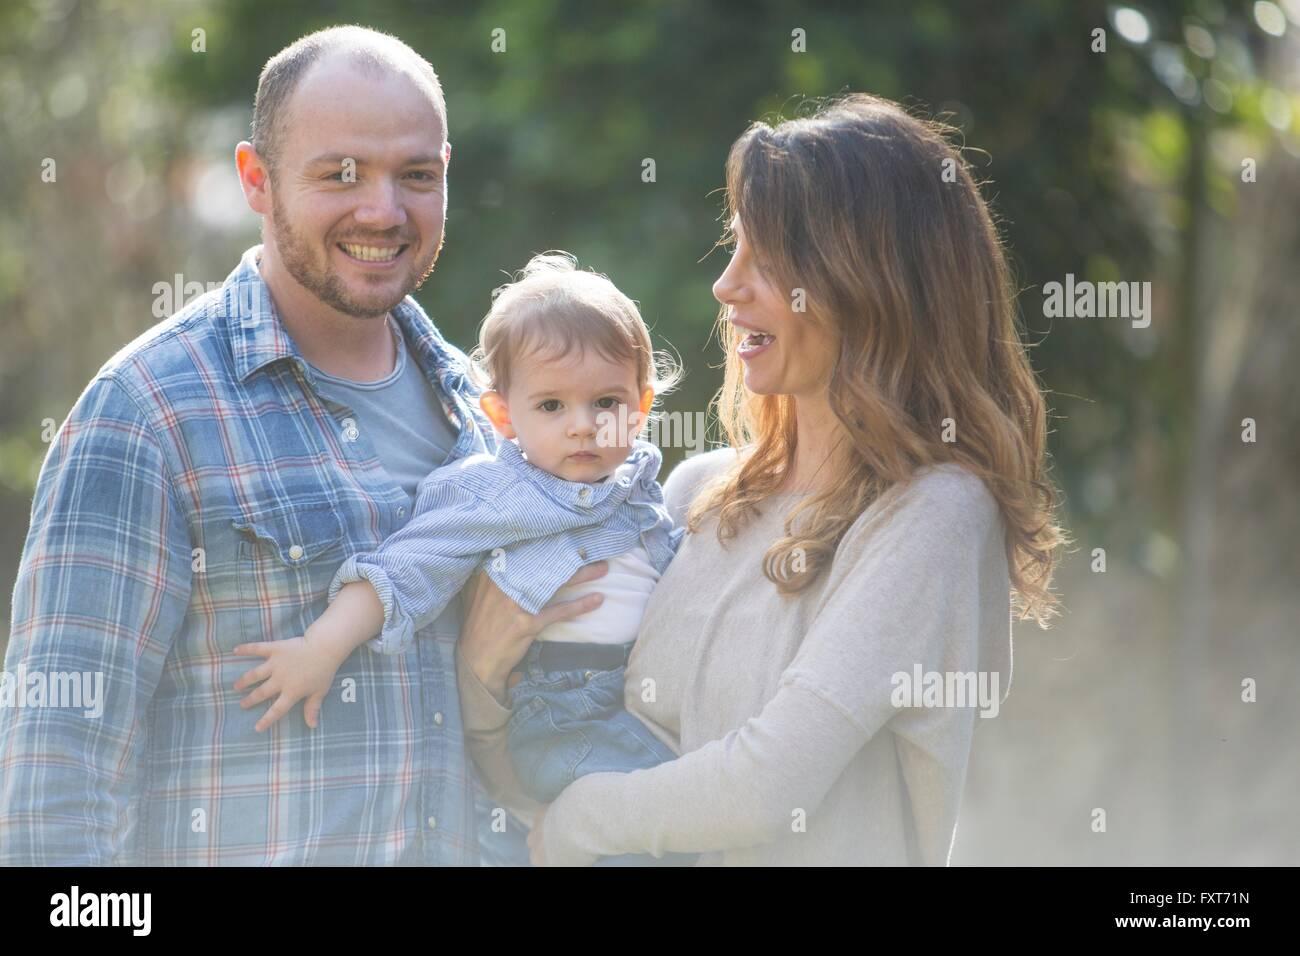 Los padres sonriente Celebración baby boy Imagen De Stock